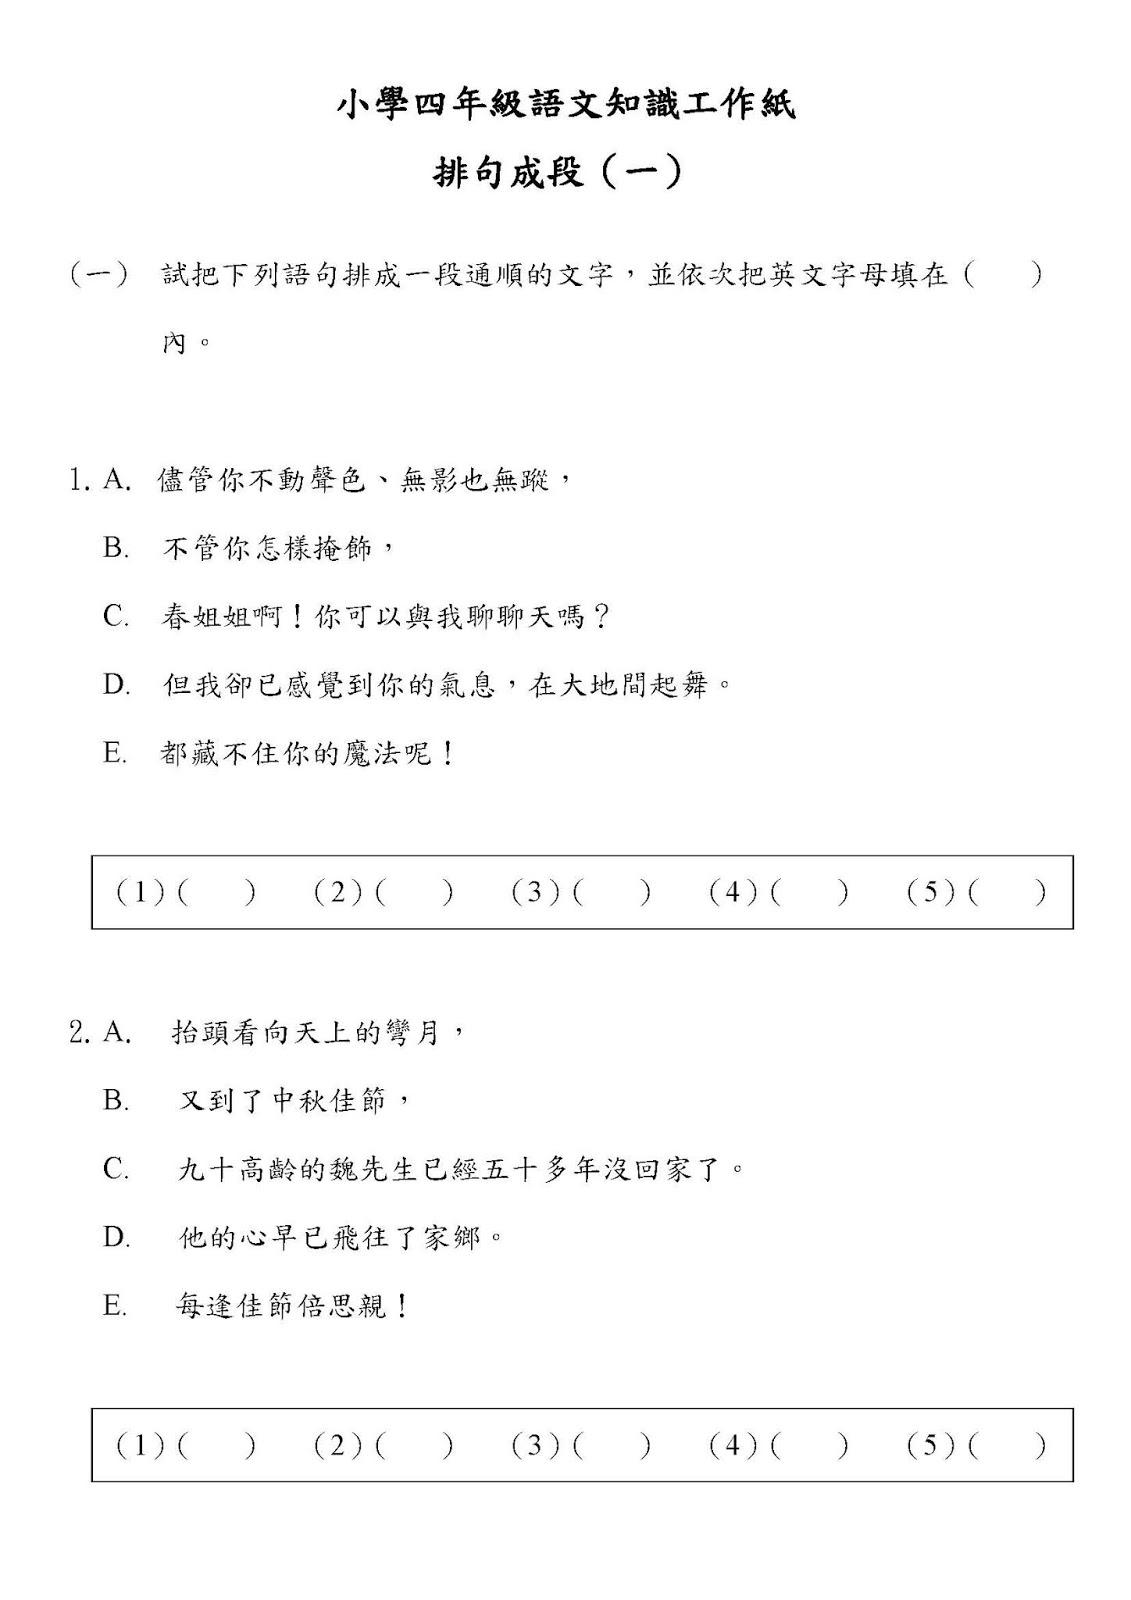 小四語文知識工作紙:排句成段(一)|中文工作紙|尤莉姐姐的反轉學堂